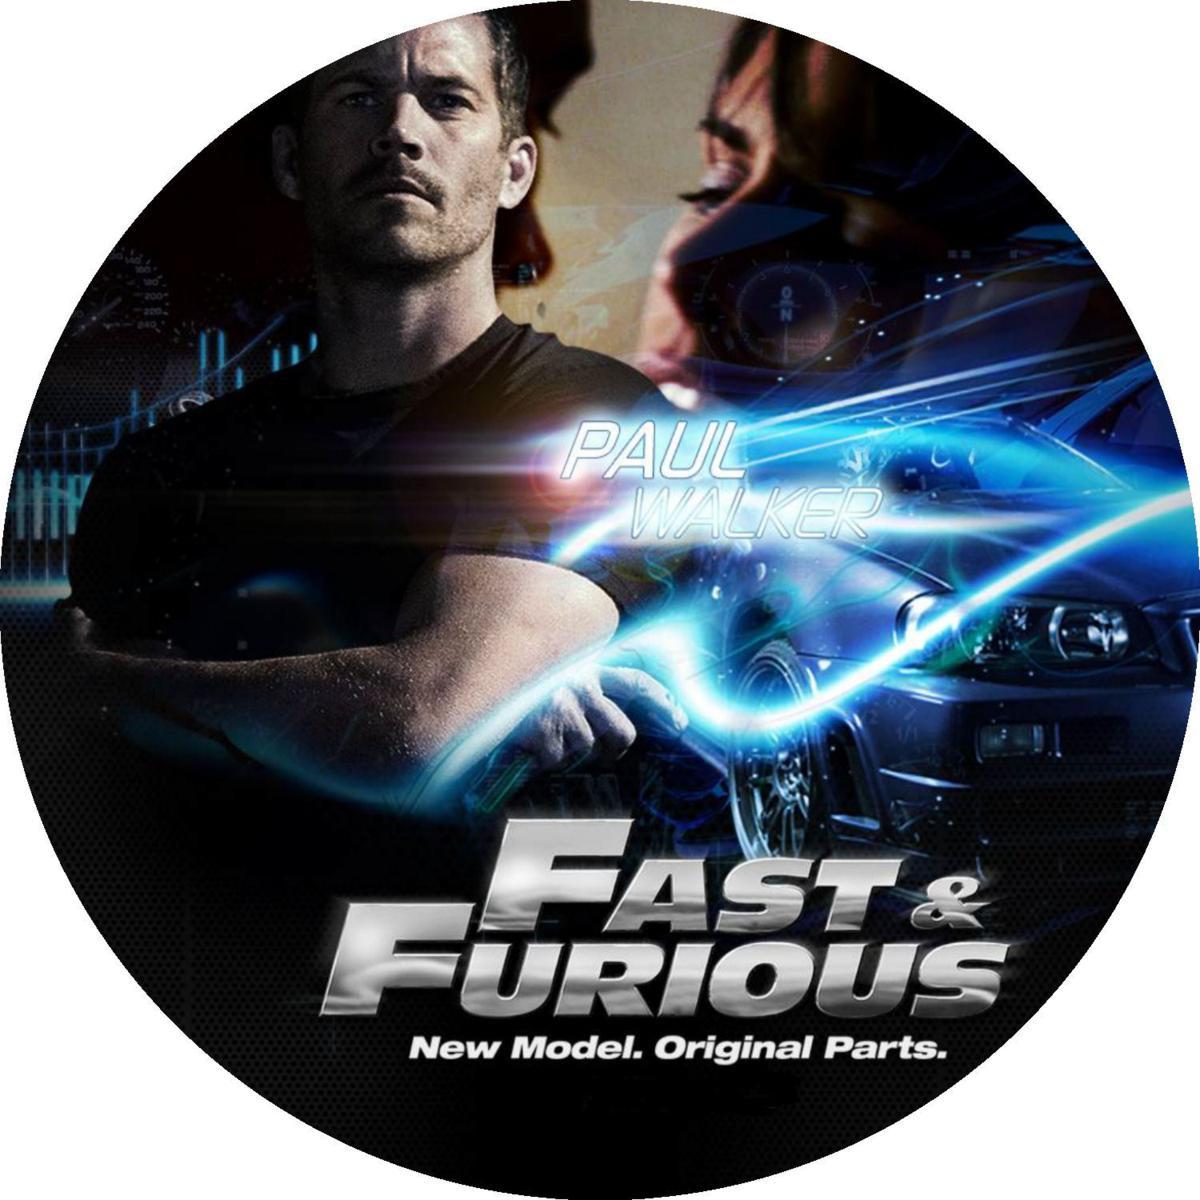 label dvd fast furious velozes e furiosos 4 gamecover capas customizadas para dvd e bluray. Black Bedroom Furniture Sets. Home Design Ideas